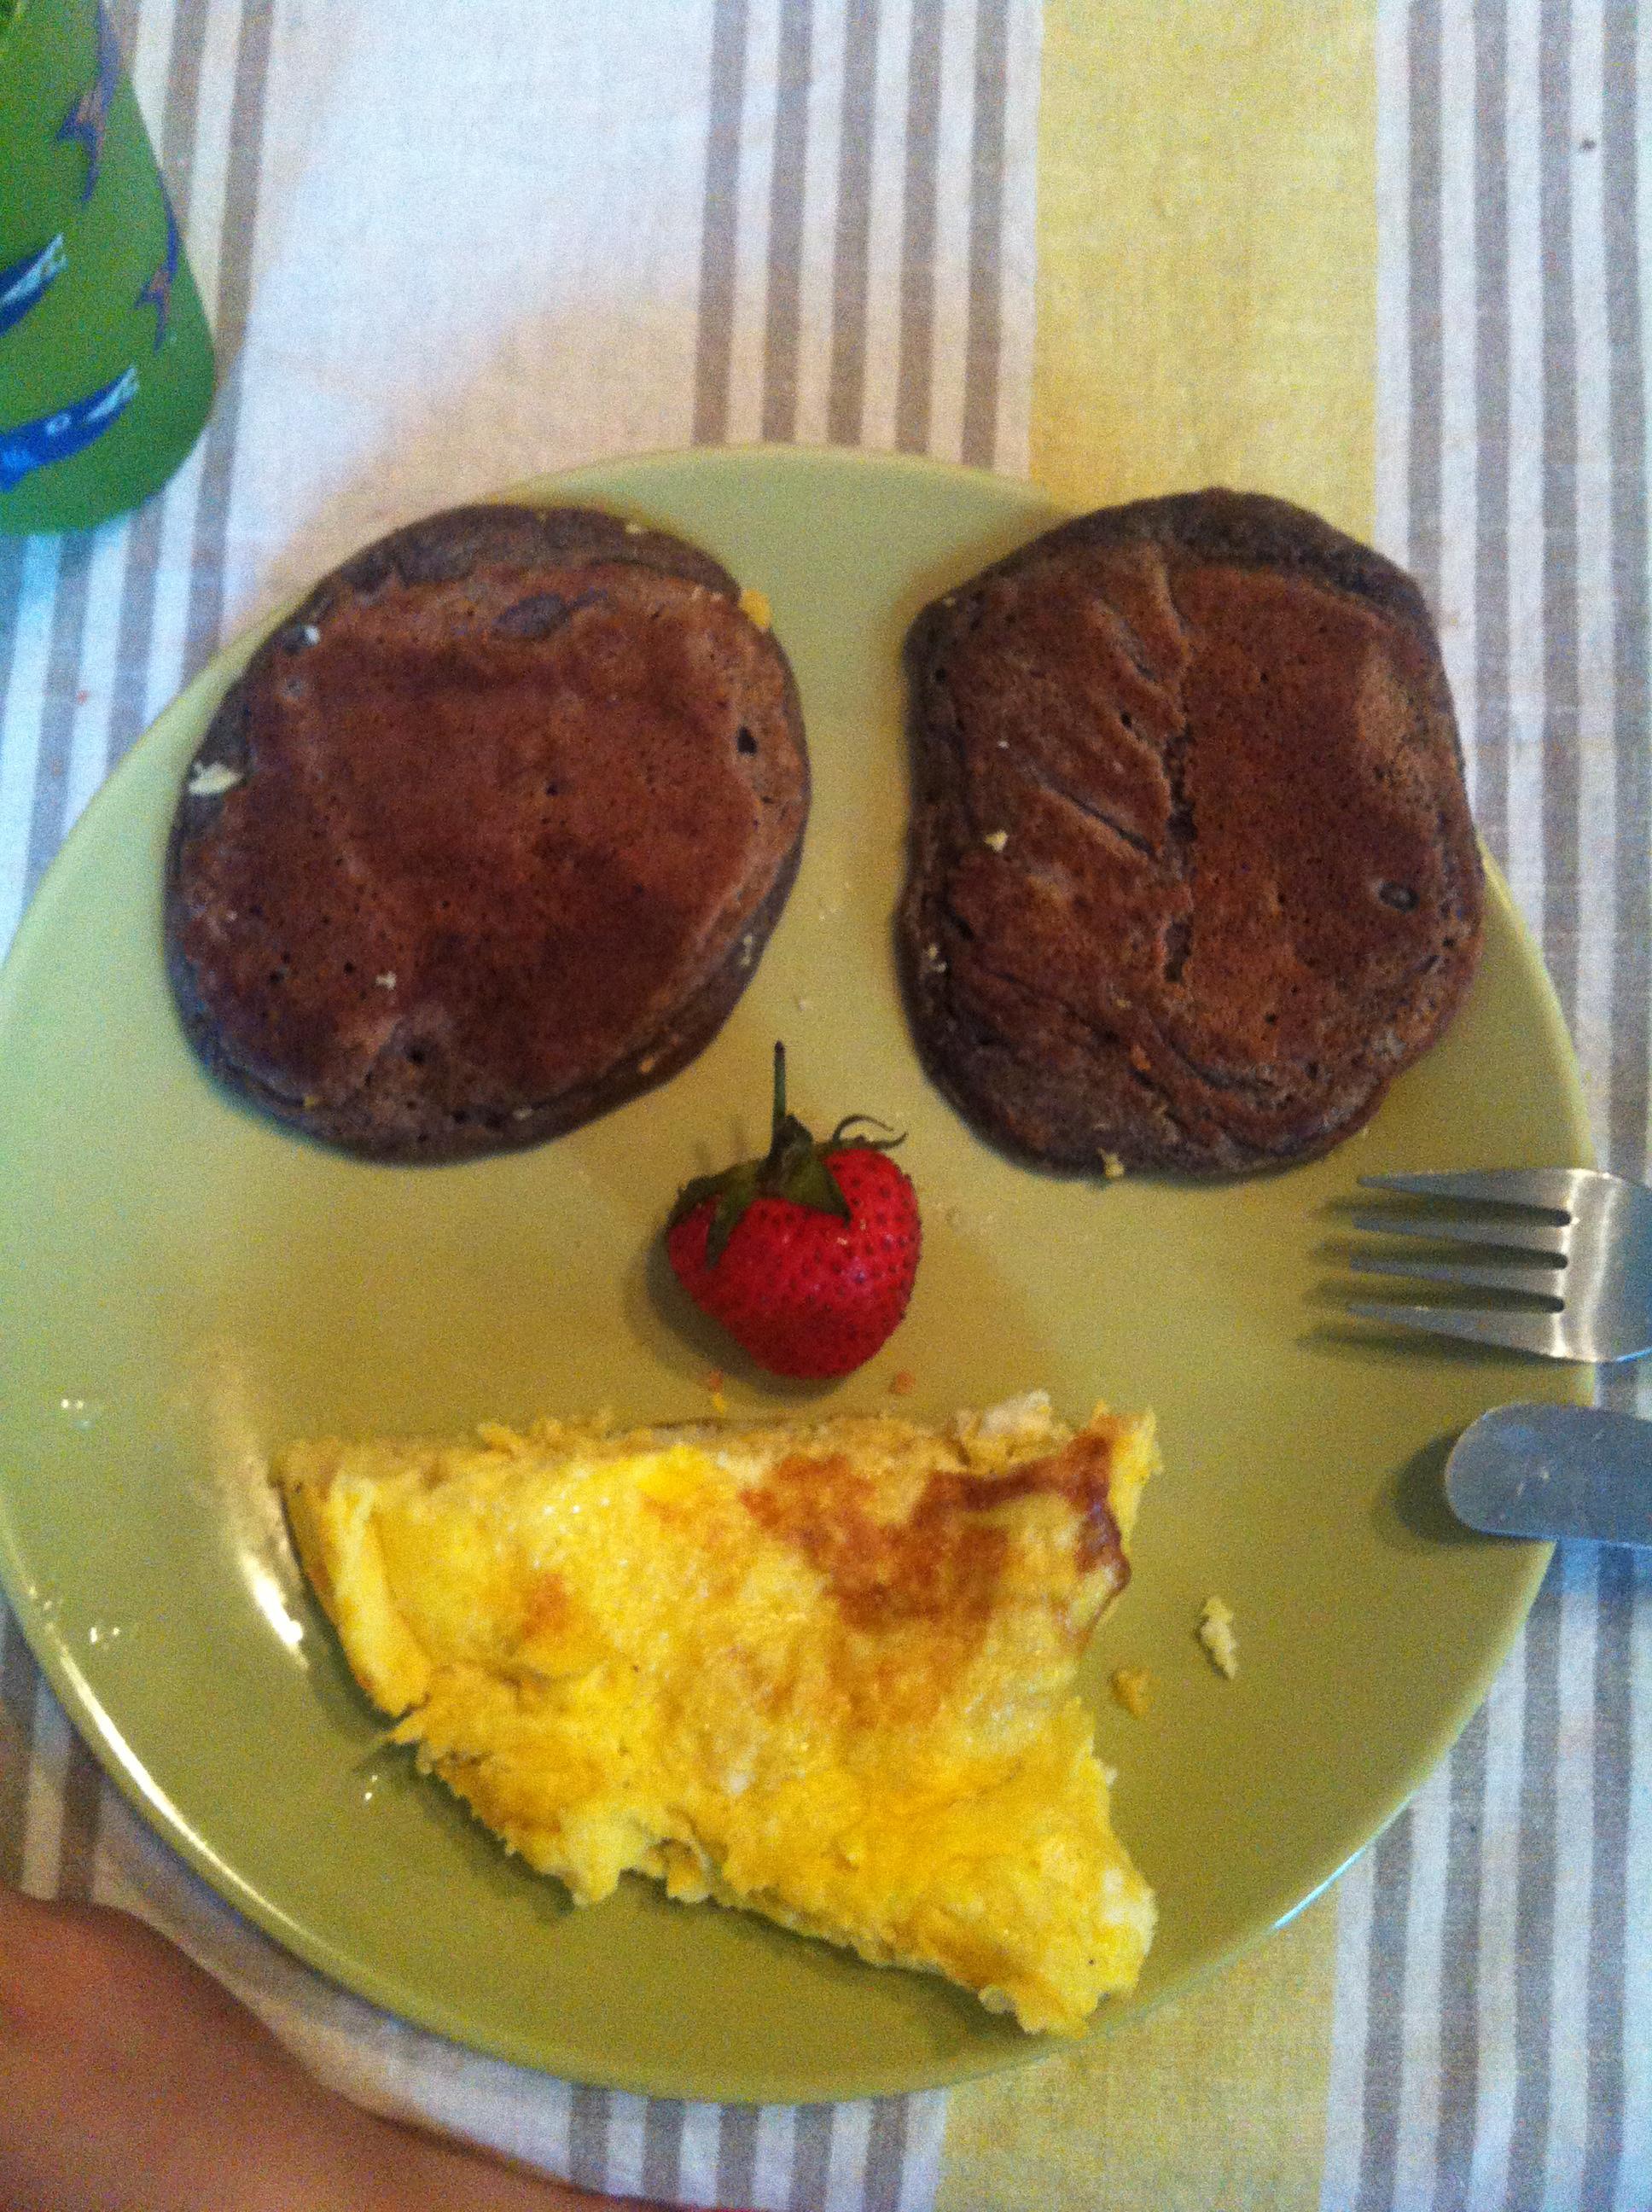 Ivy's breakfast